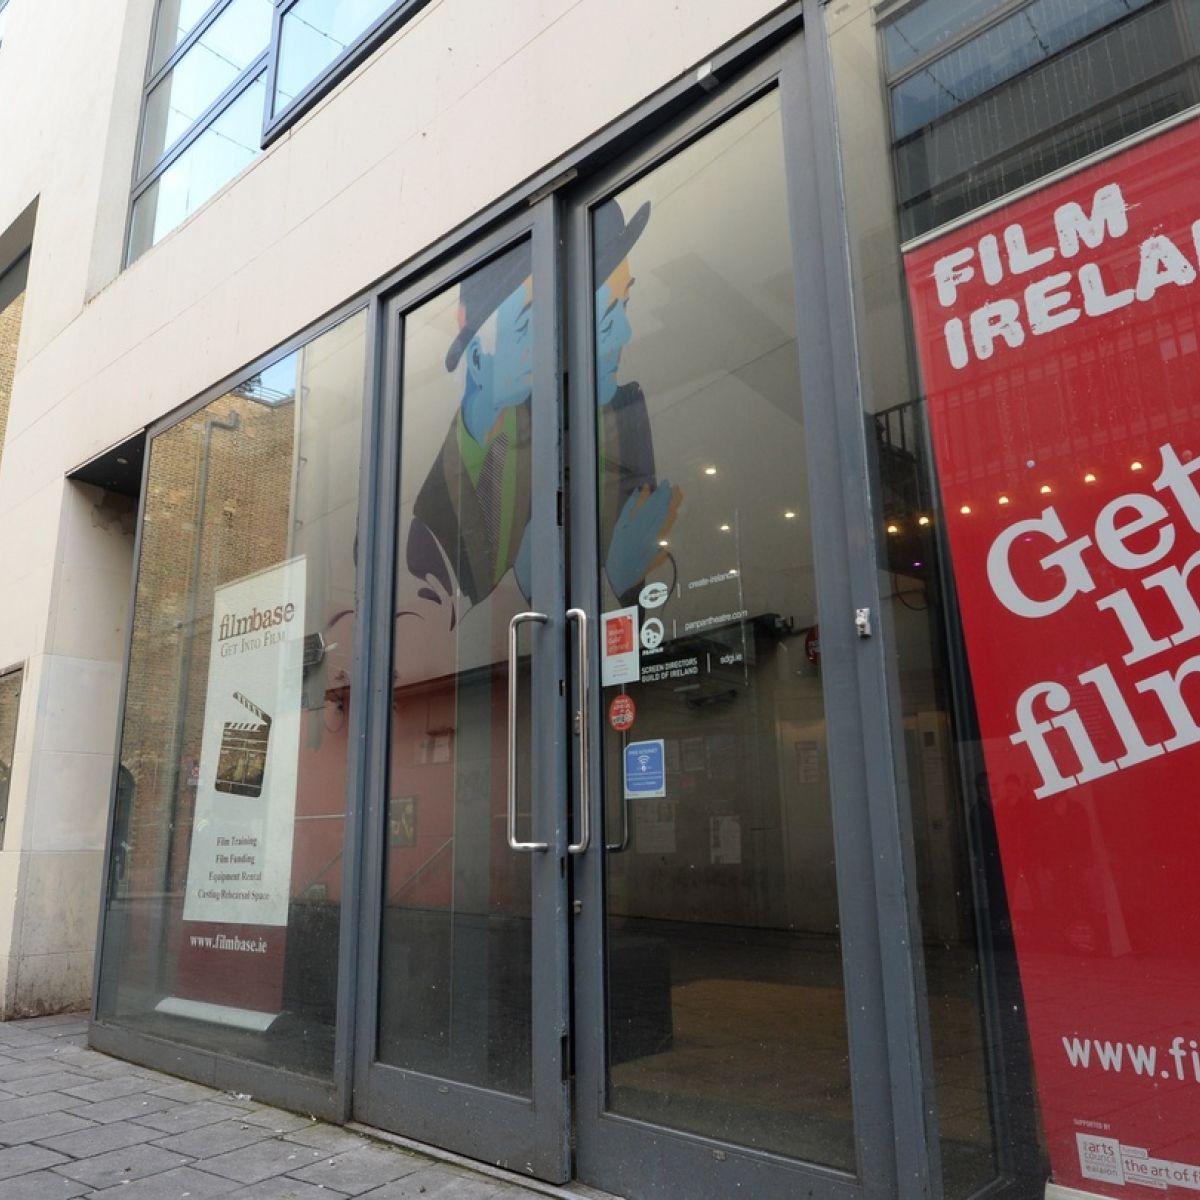 Filmbase enters liquidation after Arts Council audit